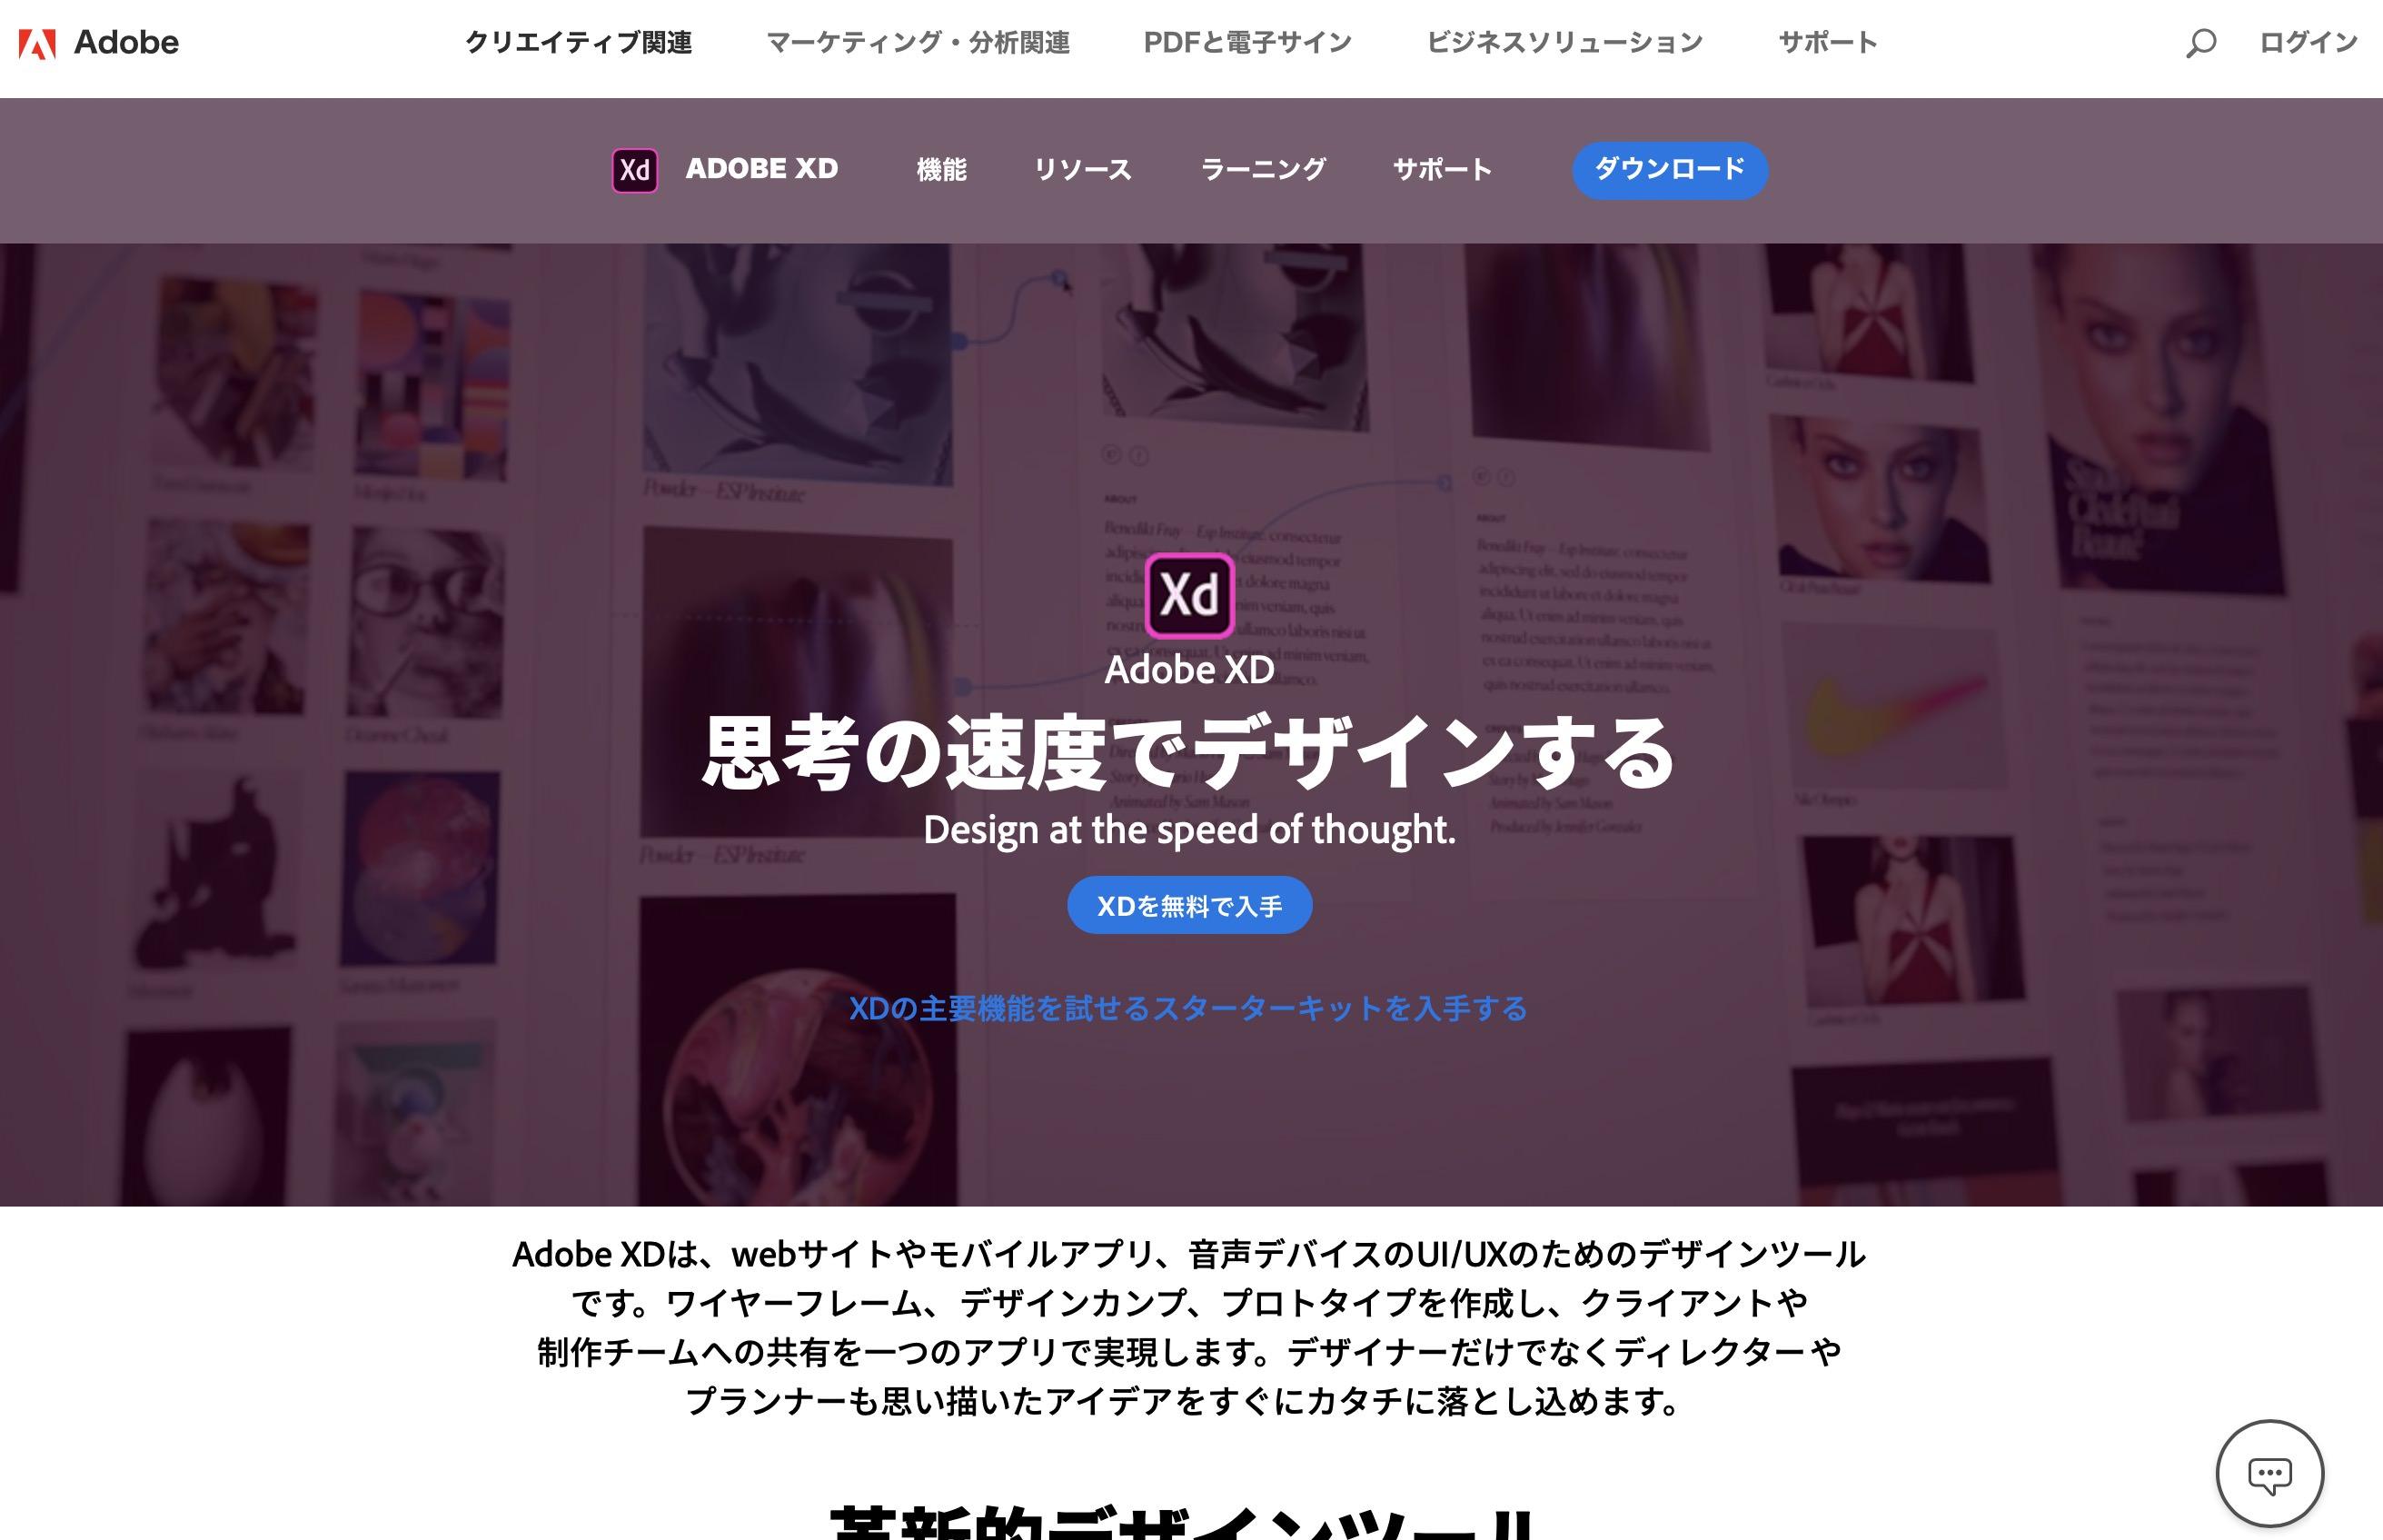 Adobe XD 公式サイトキャプチャ